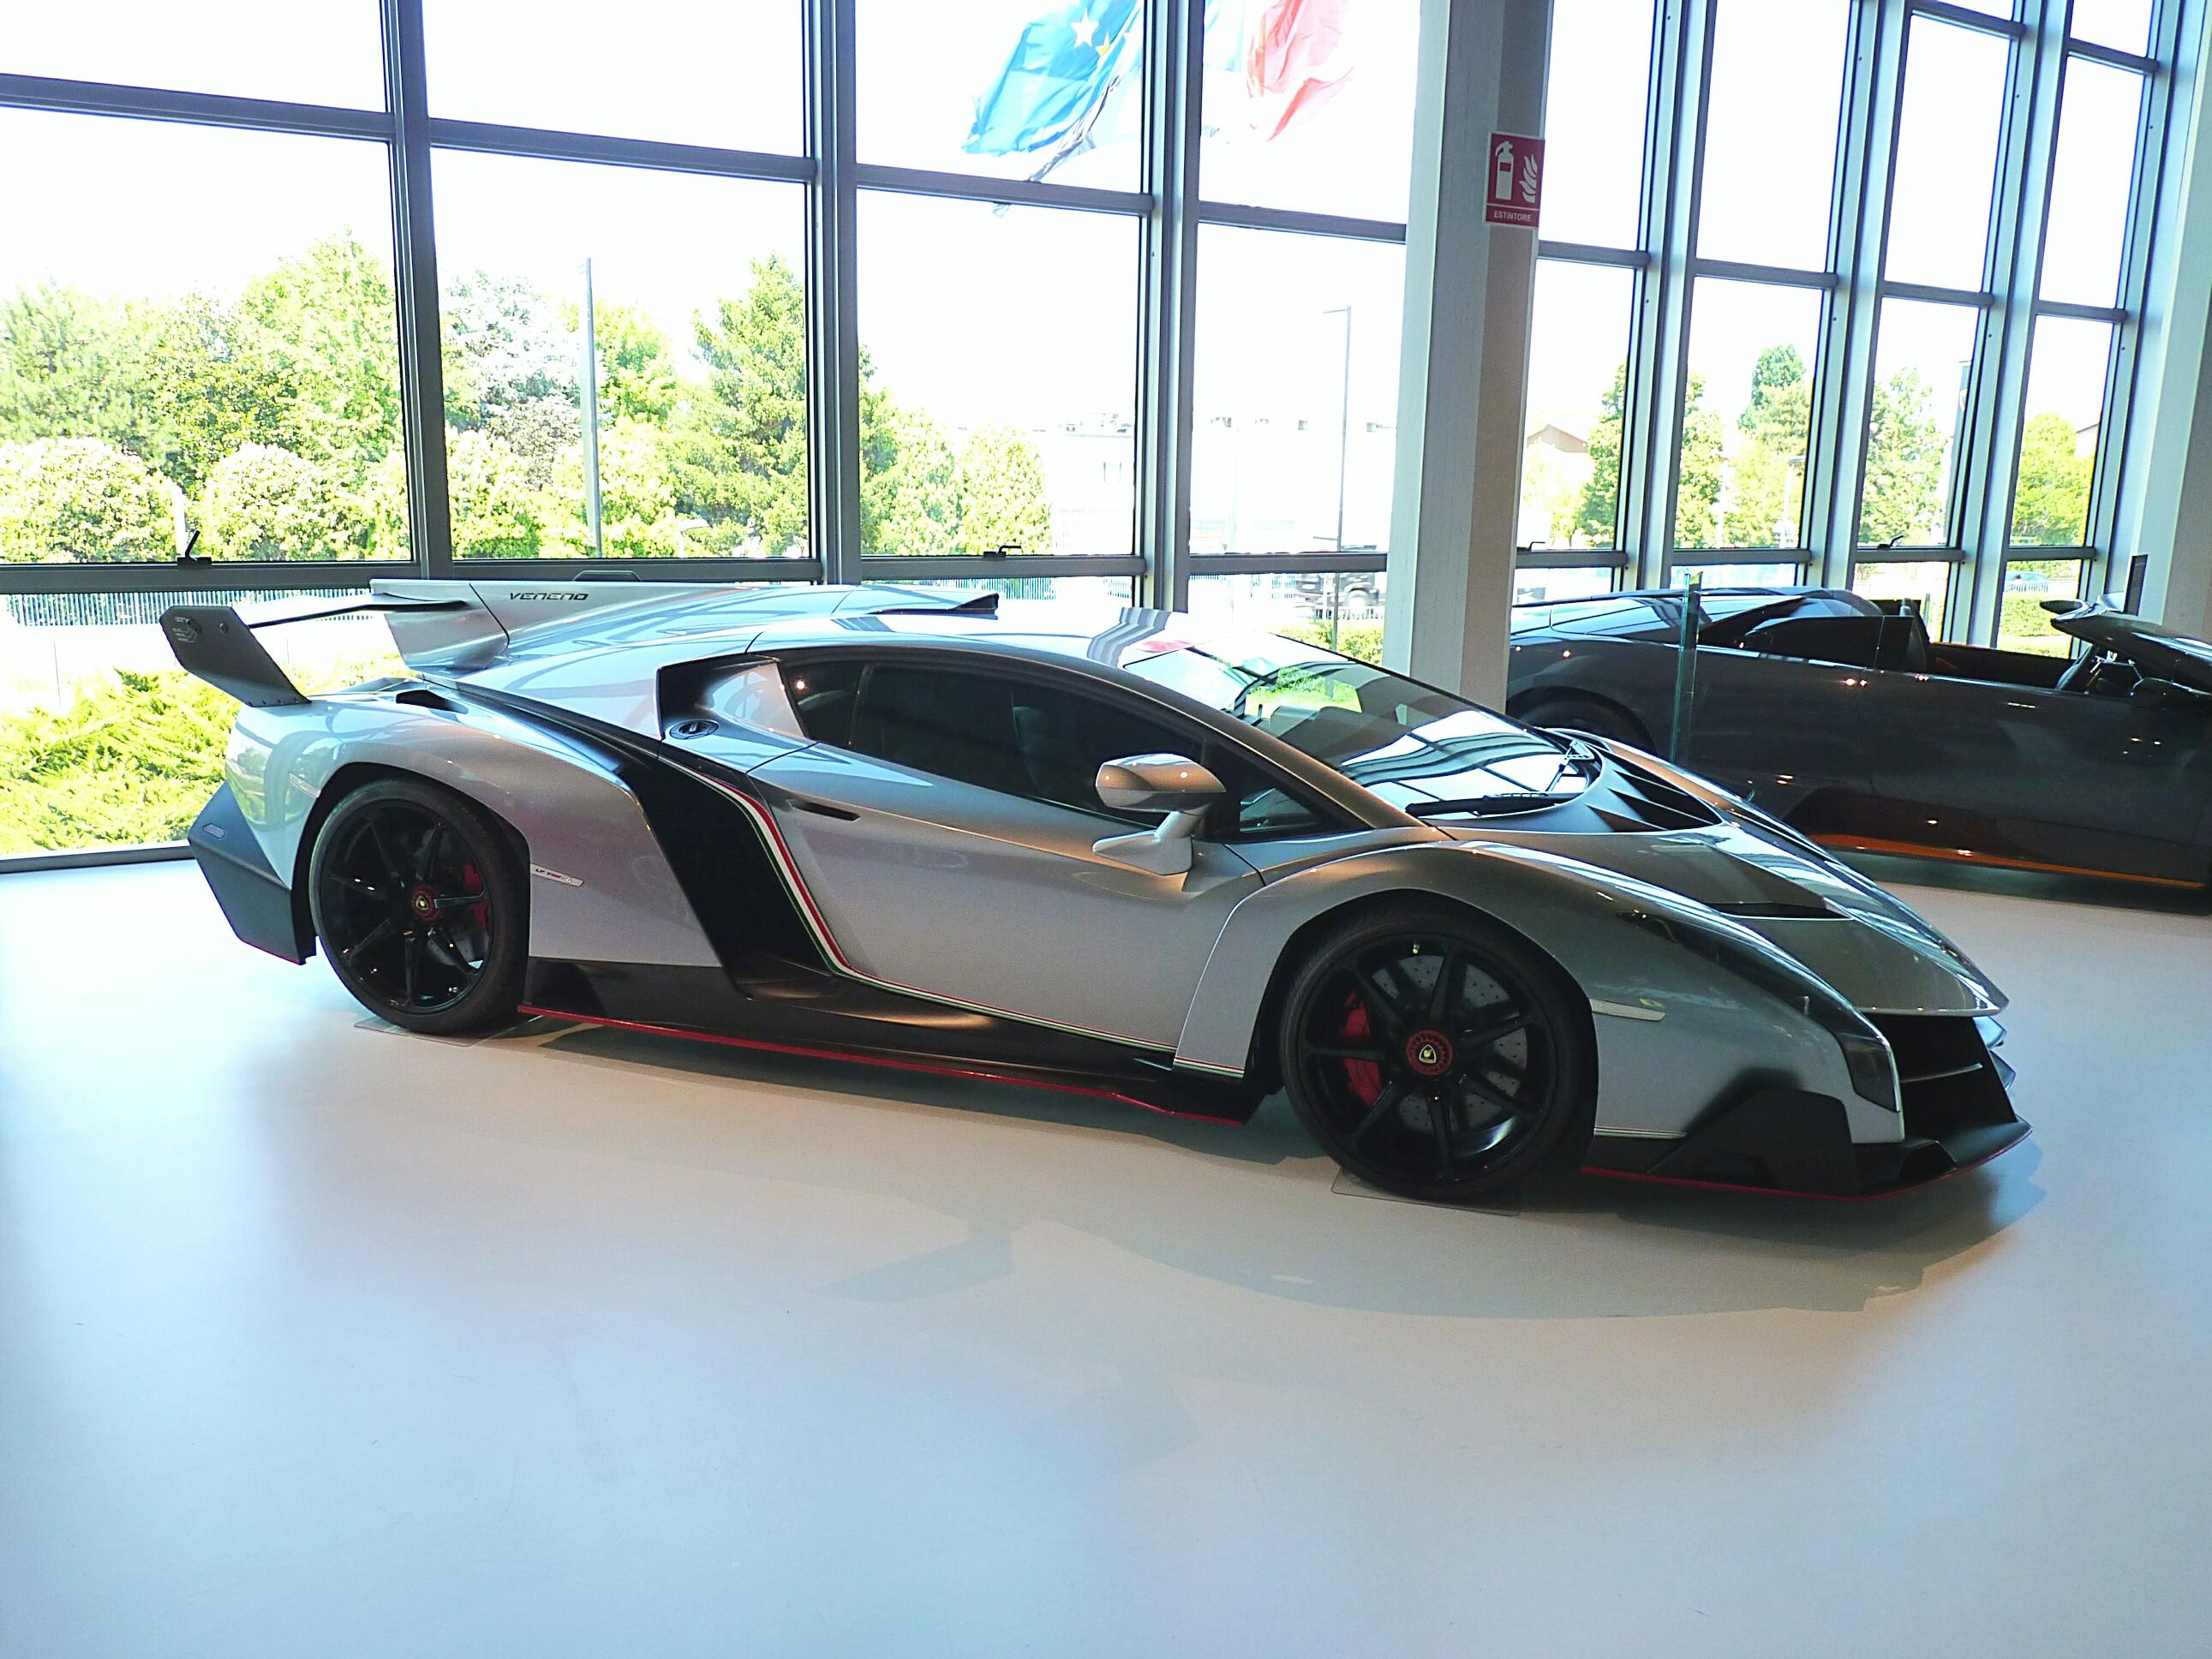 Elegant File:Lamborghini Sesto Elemento Santu0027Agata Bolognese(2)